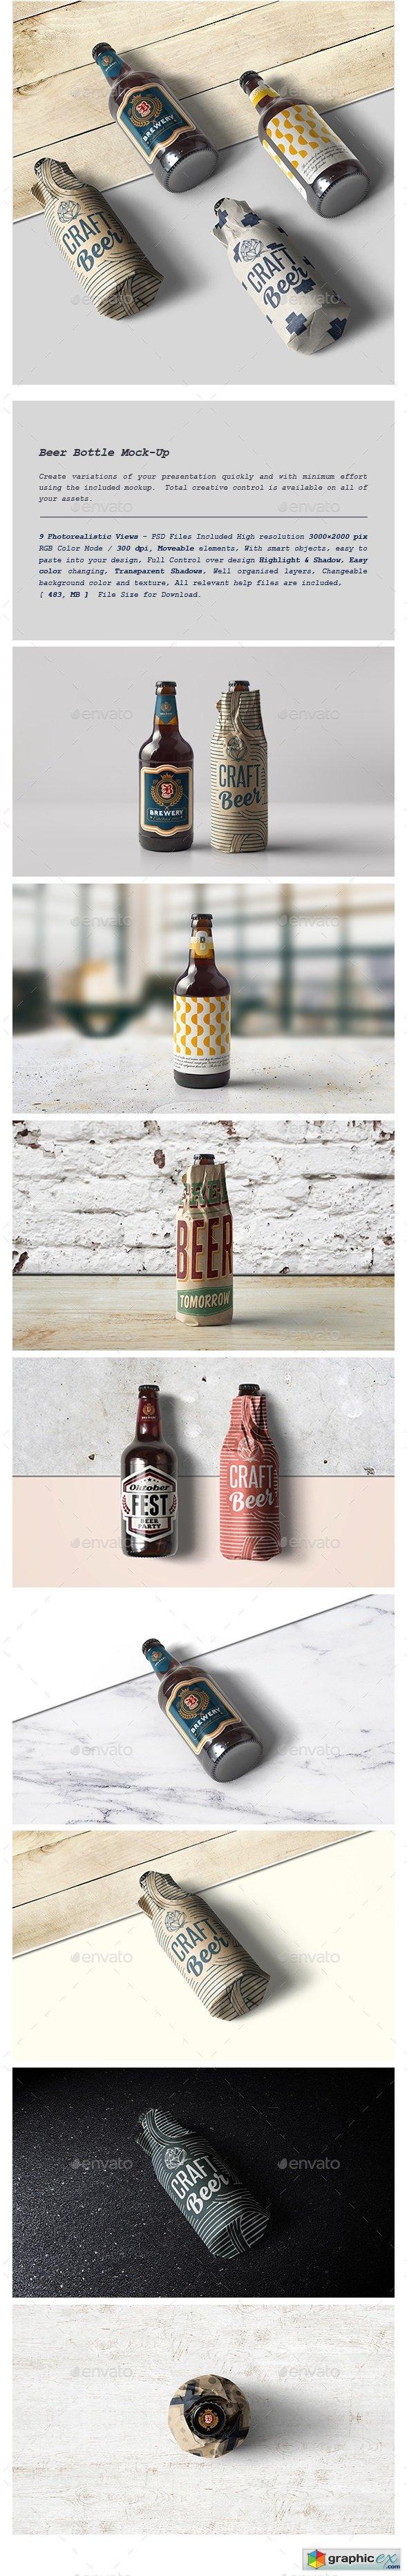 Beer Bottle Mock-Up 21398869